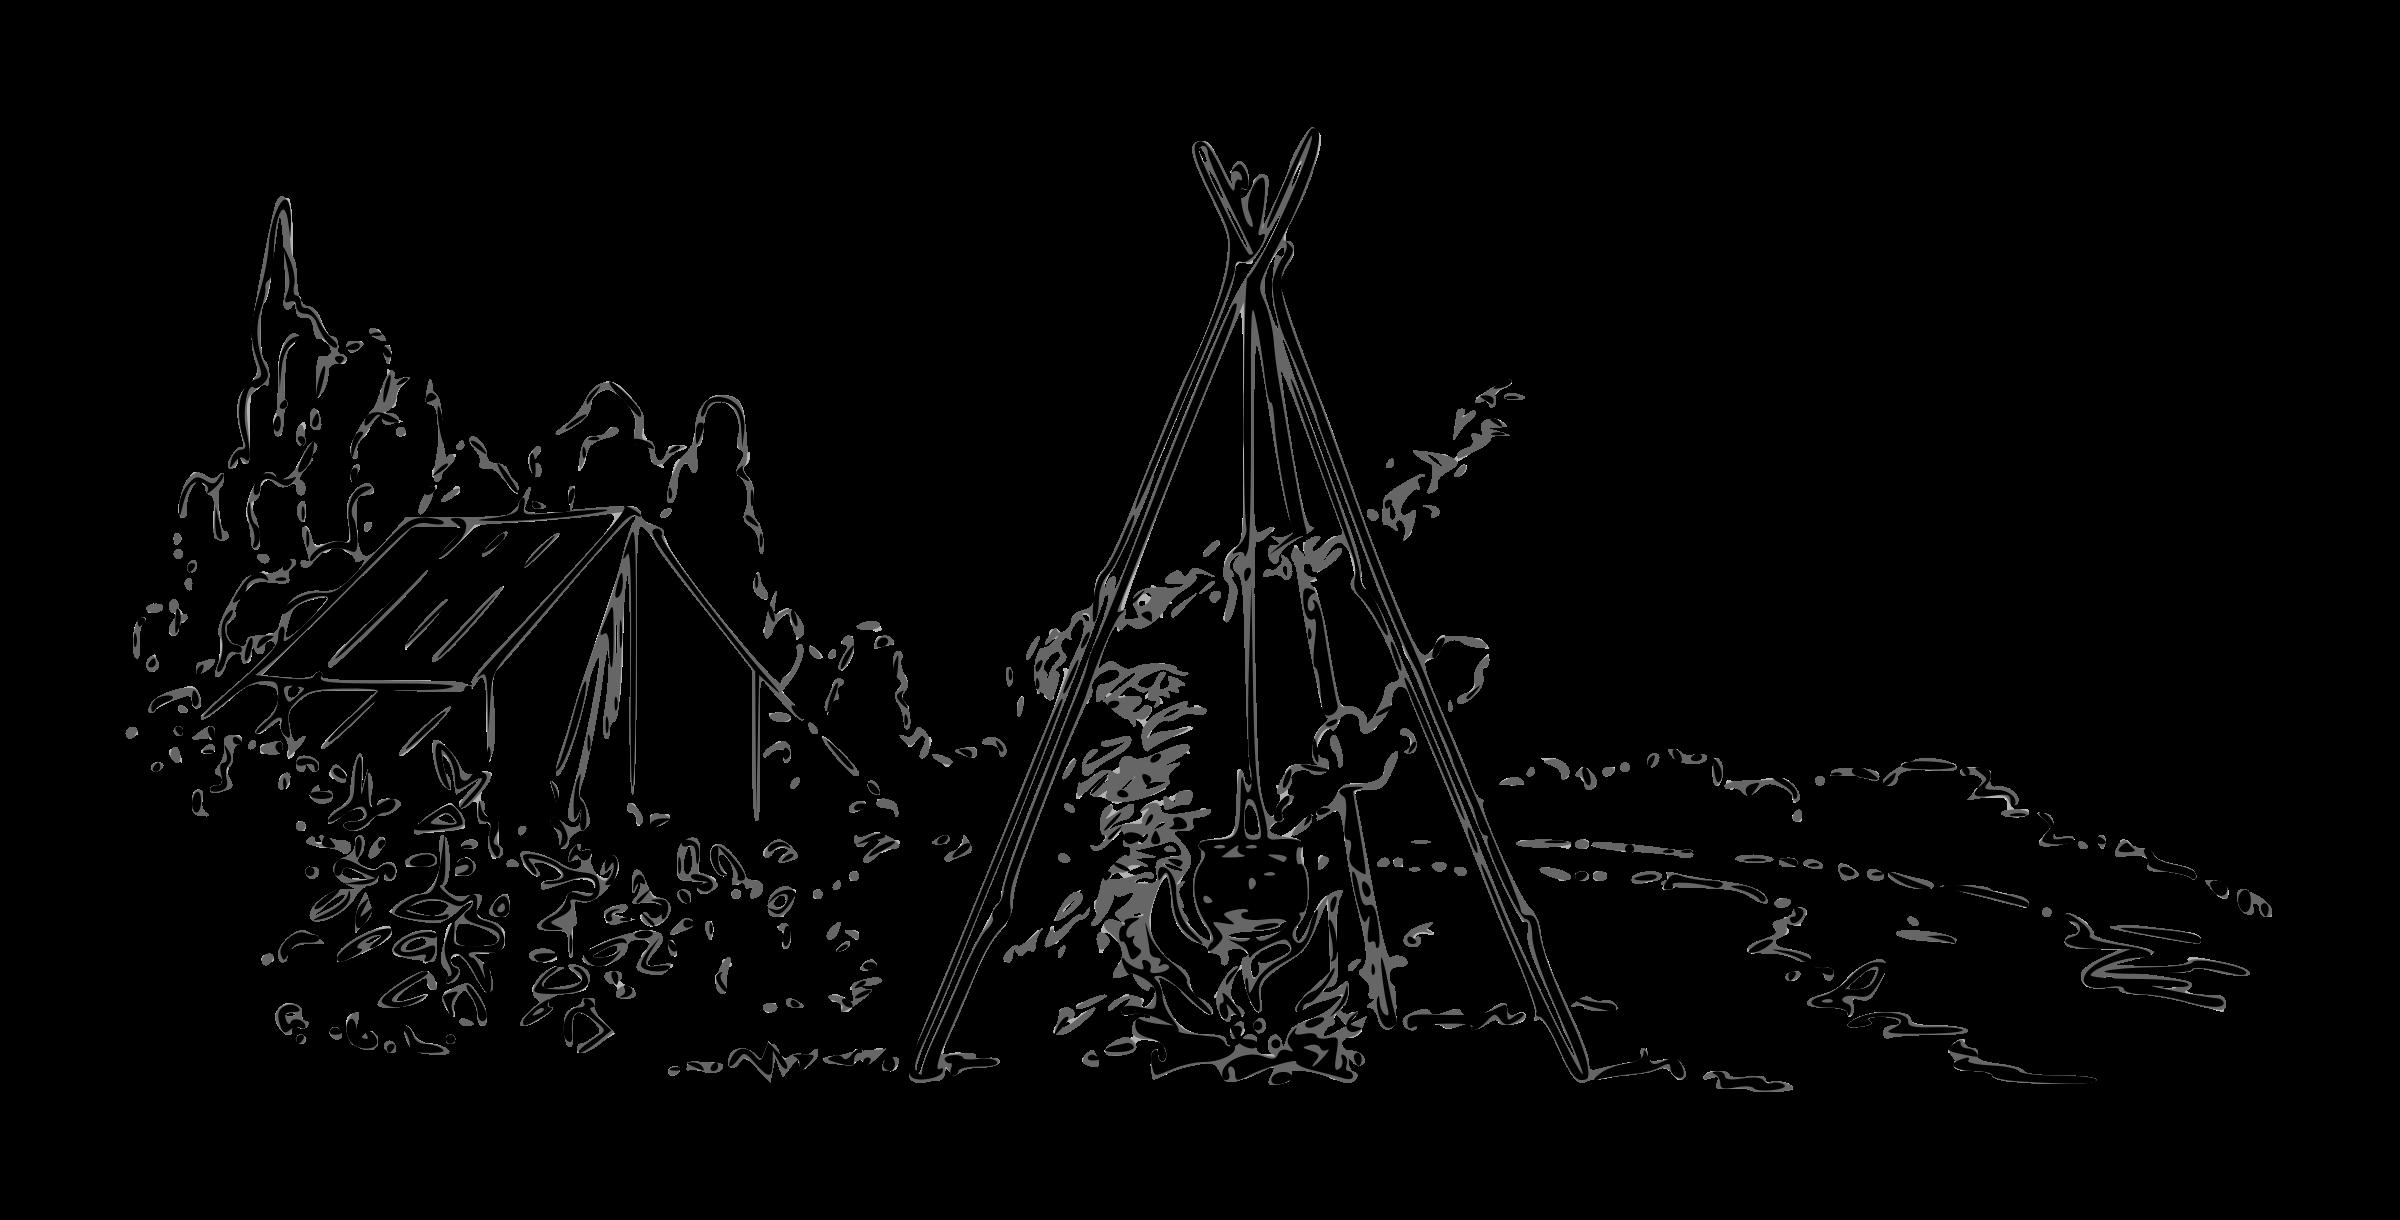 Drawn campire transparent Campfire Lutz Lutz outline outline